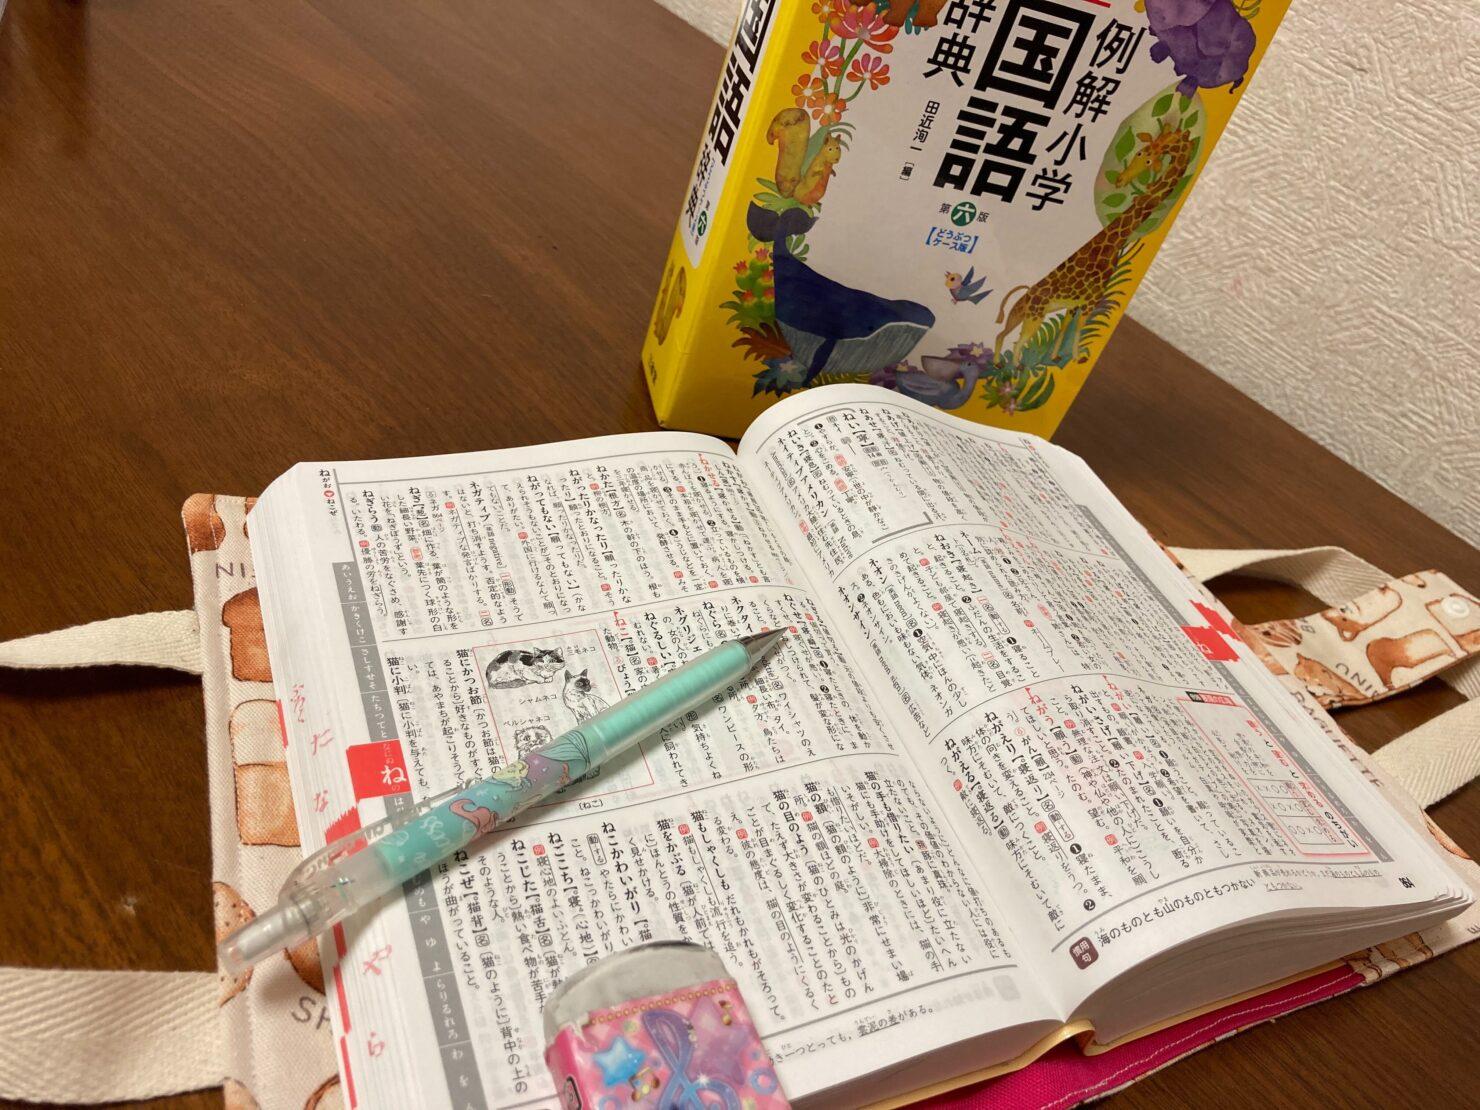 国語辞典カバー・辞書カバーの作り方! 辞書サイズに合わせられる型紙を公開